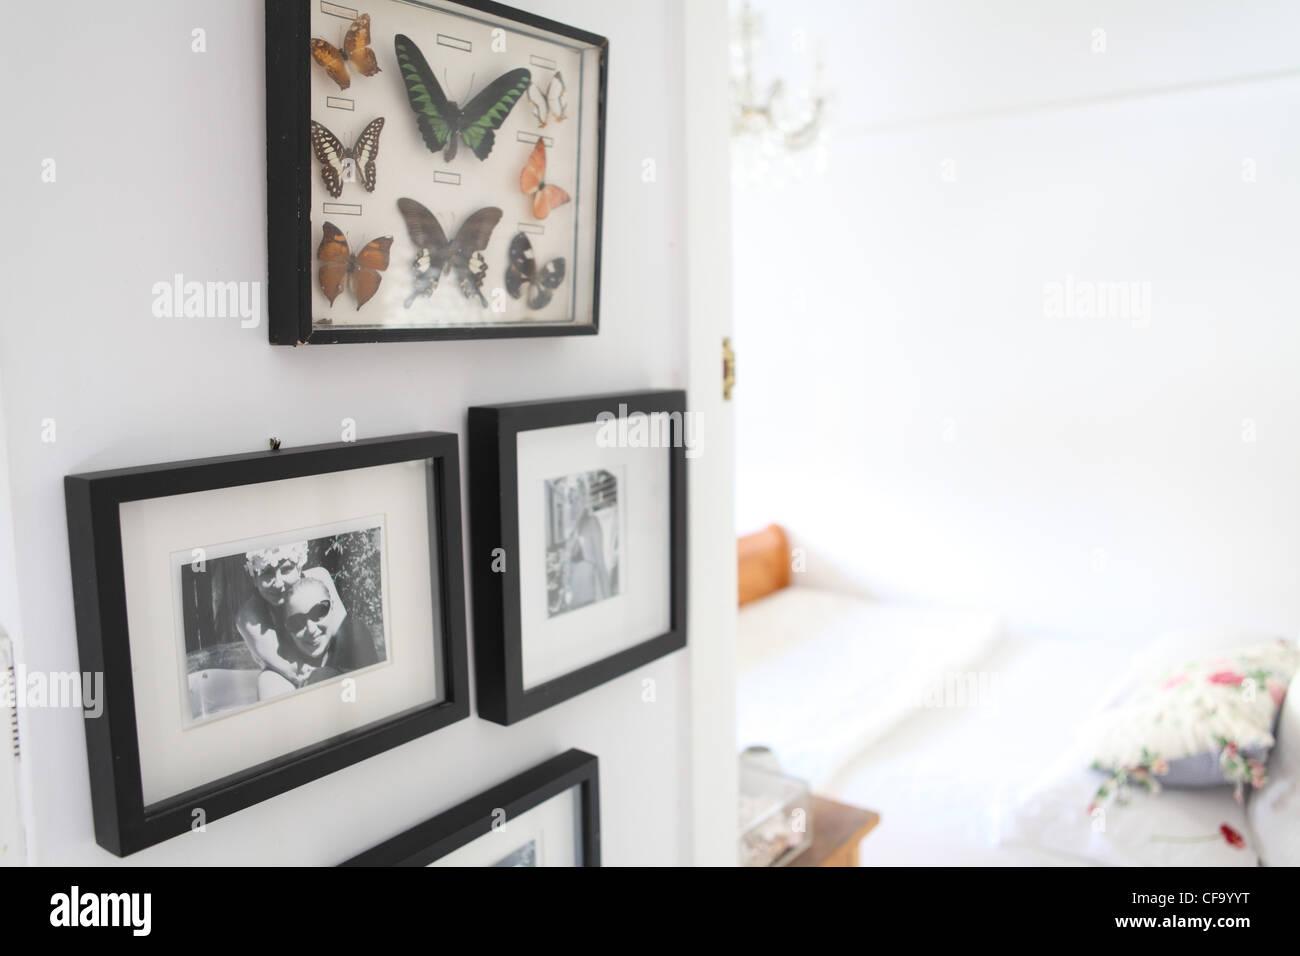 Sydney-Wohnung-Schlafzimmer Interidetail gerahmten Schmetterlinge ...